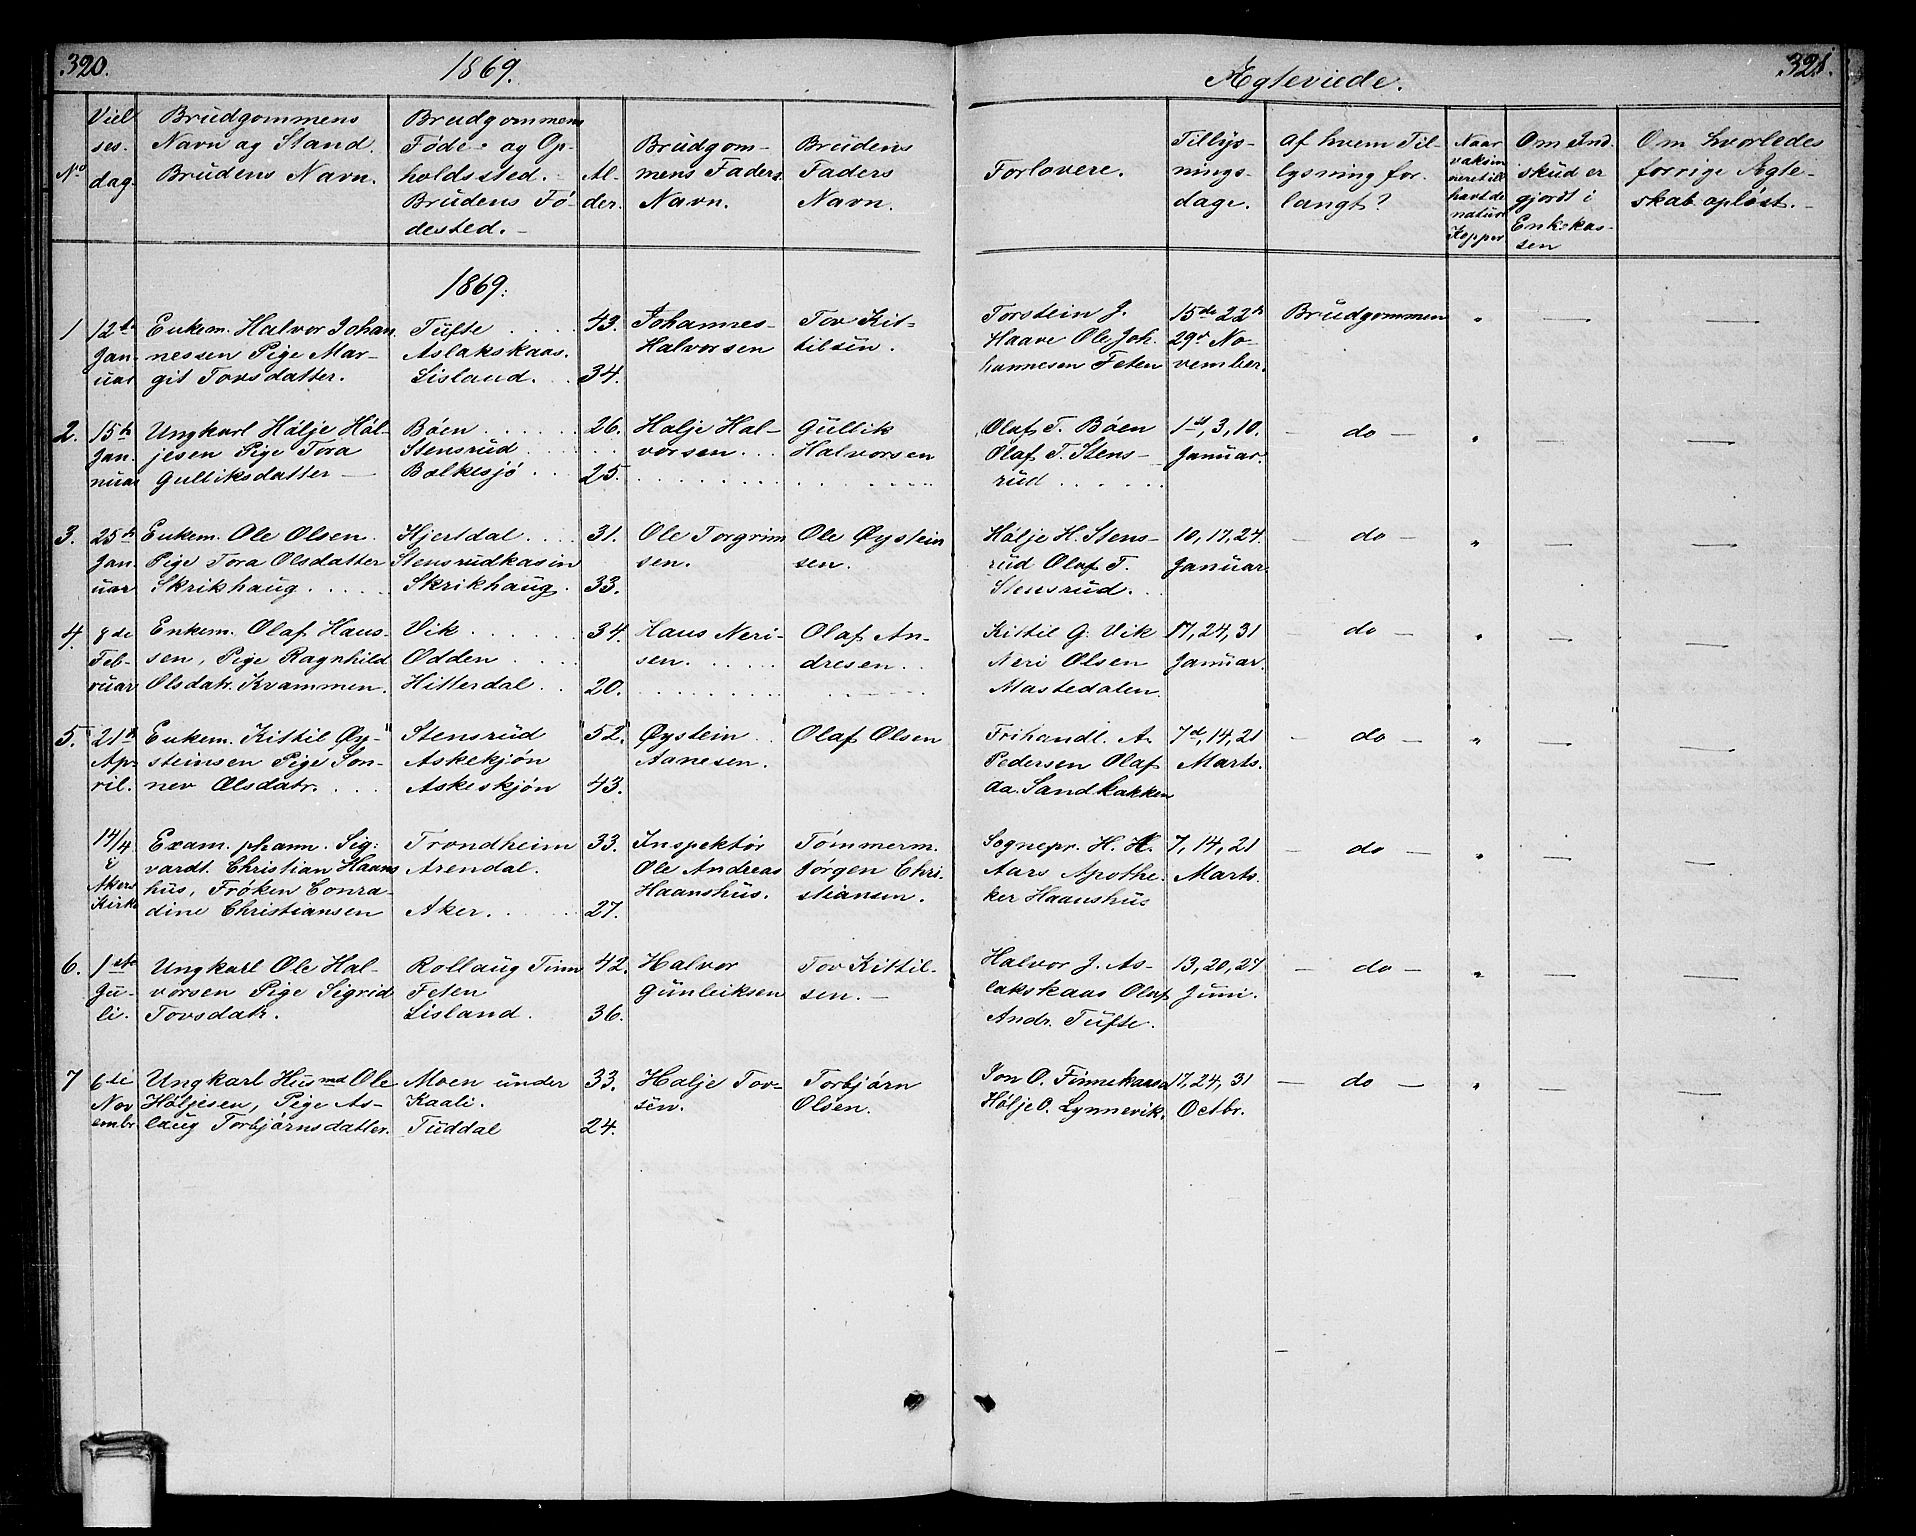 SAKO, Gransherad kirkebøker, G/Ga/L0002: Klokkerbok nr. I 2, 1854-1886, s. 320-321